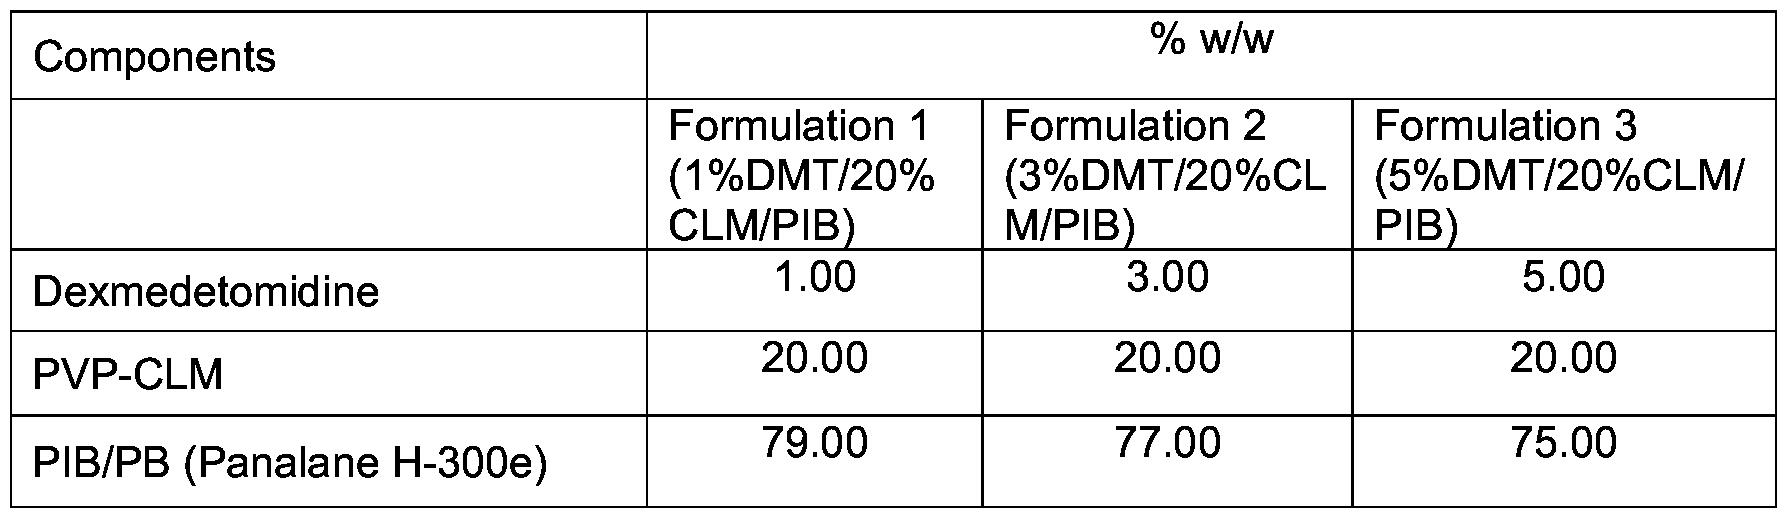 dmt20 solid concept